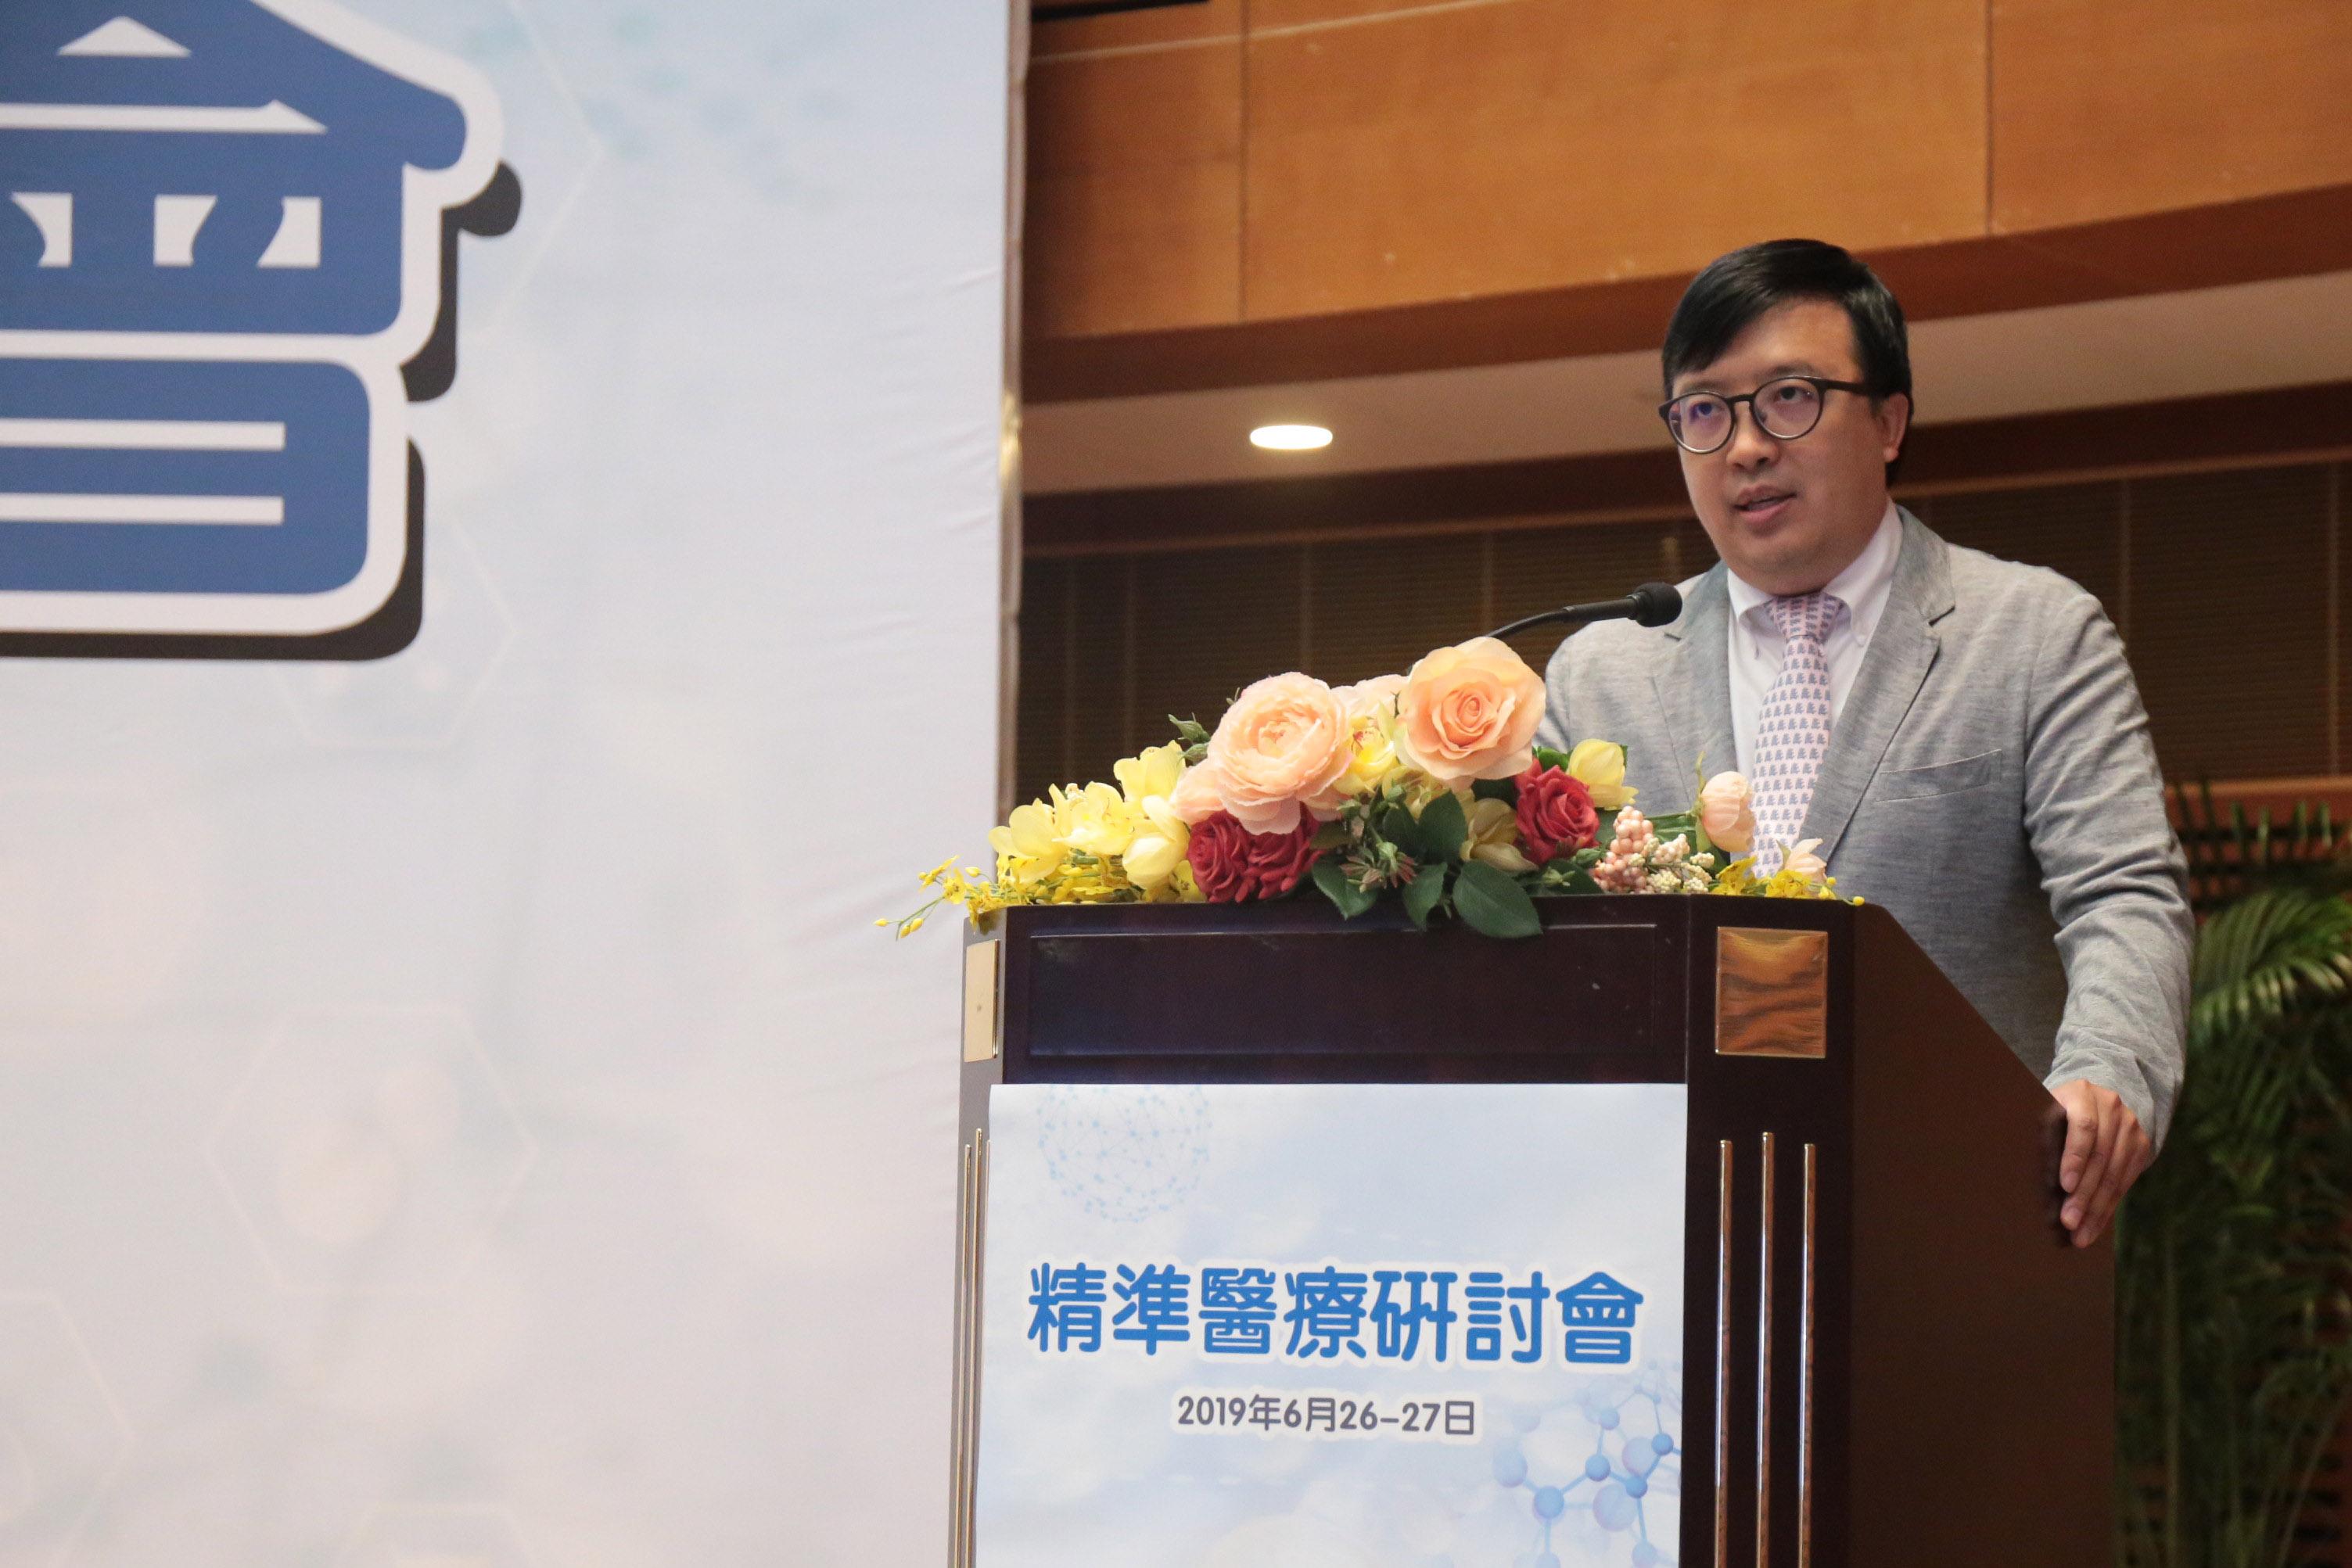 Ma Chi Ngai delivers a speech